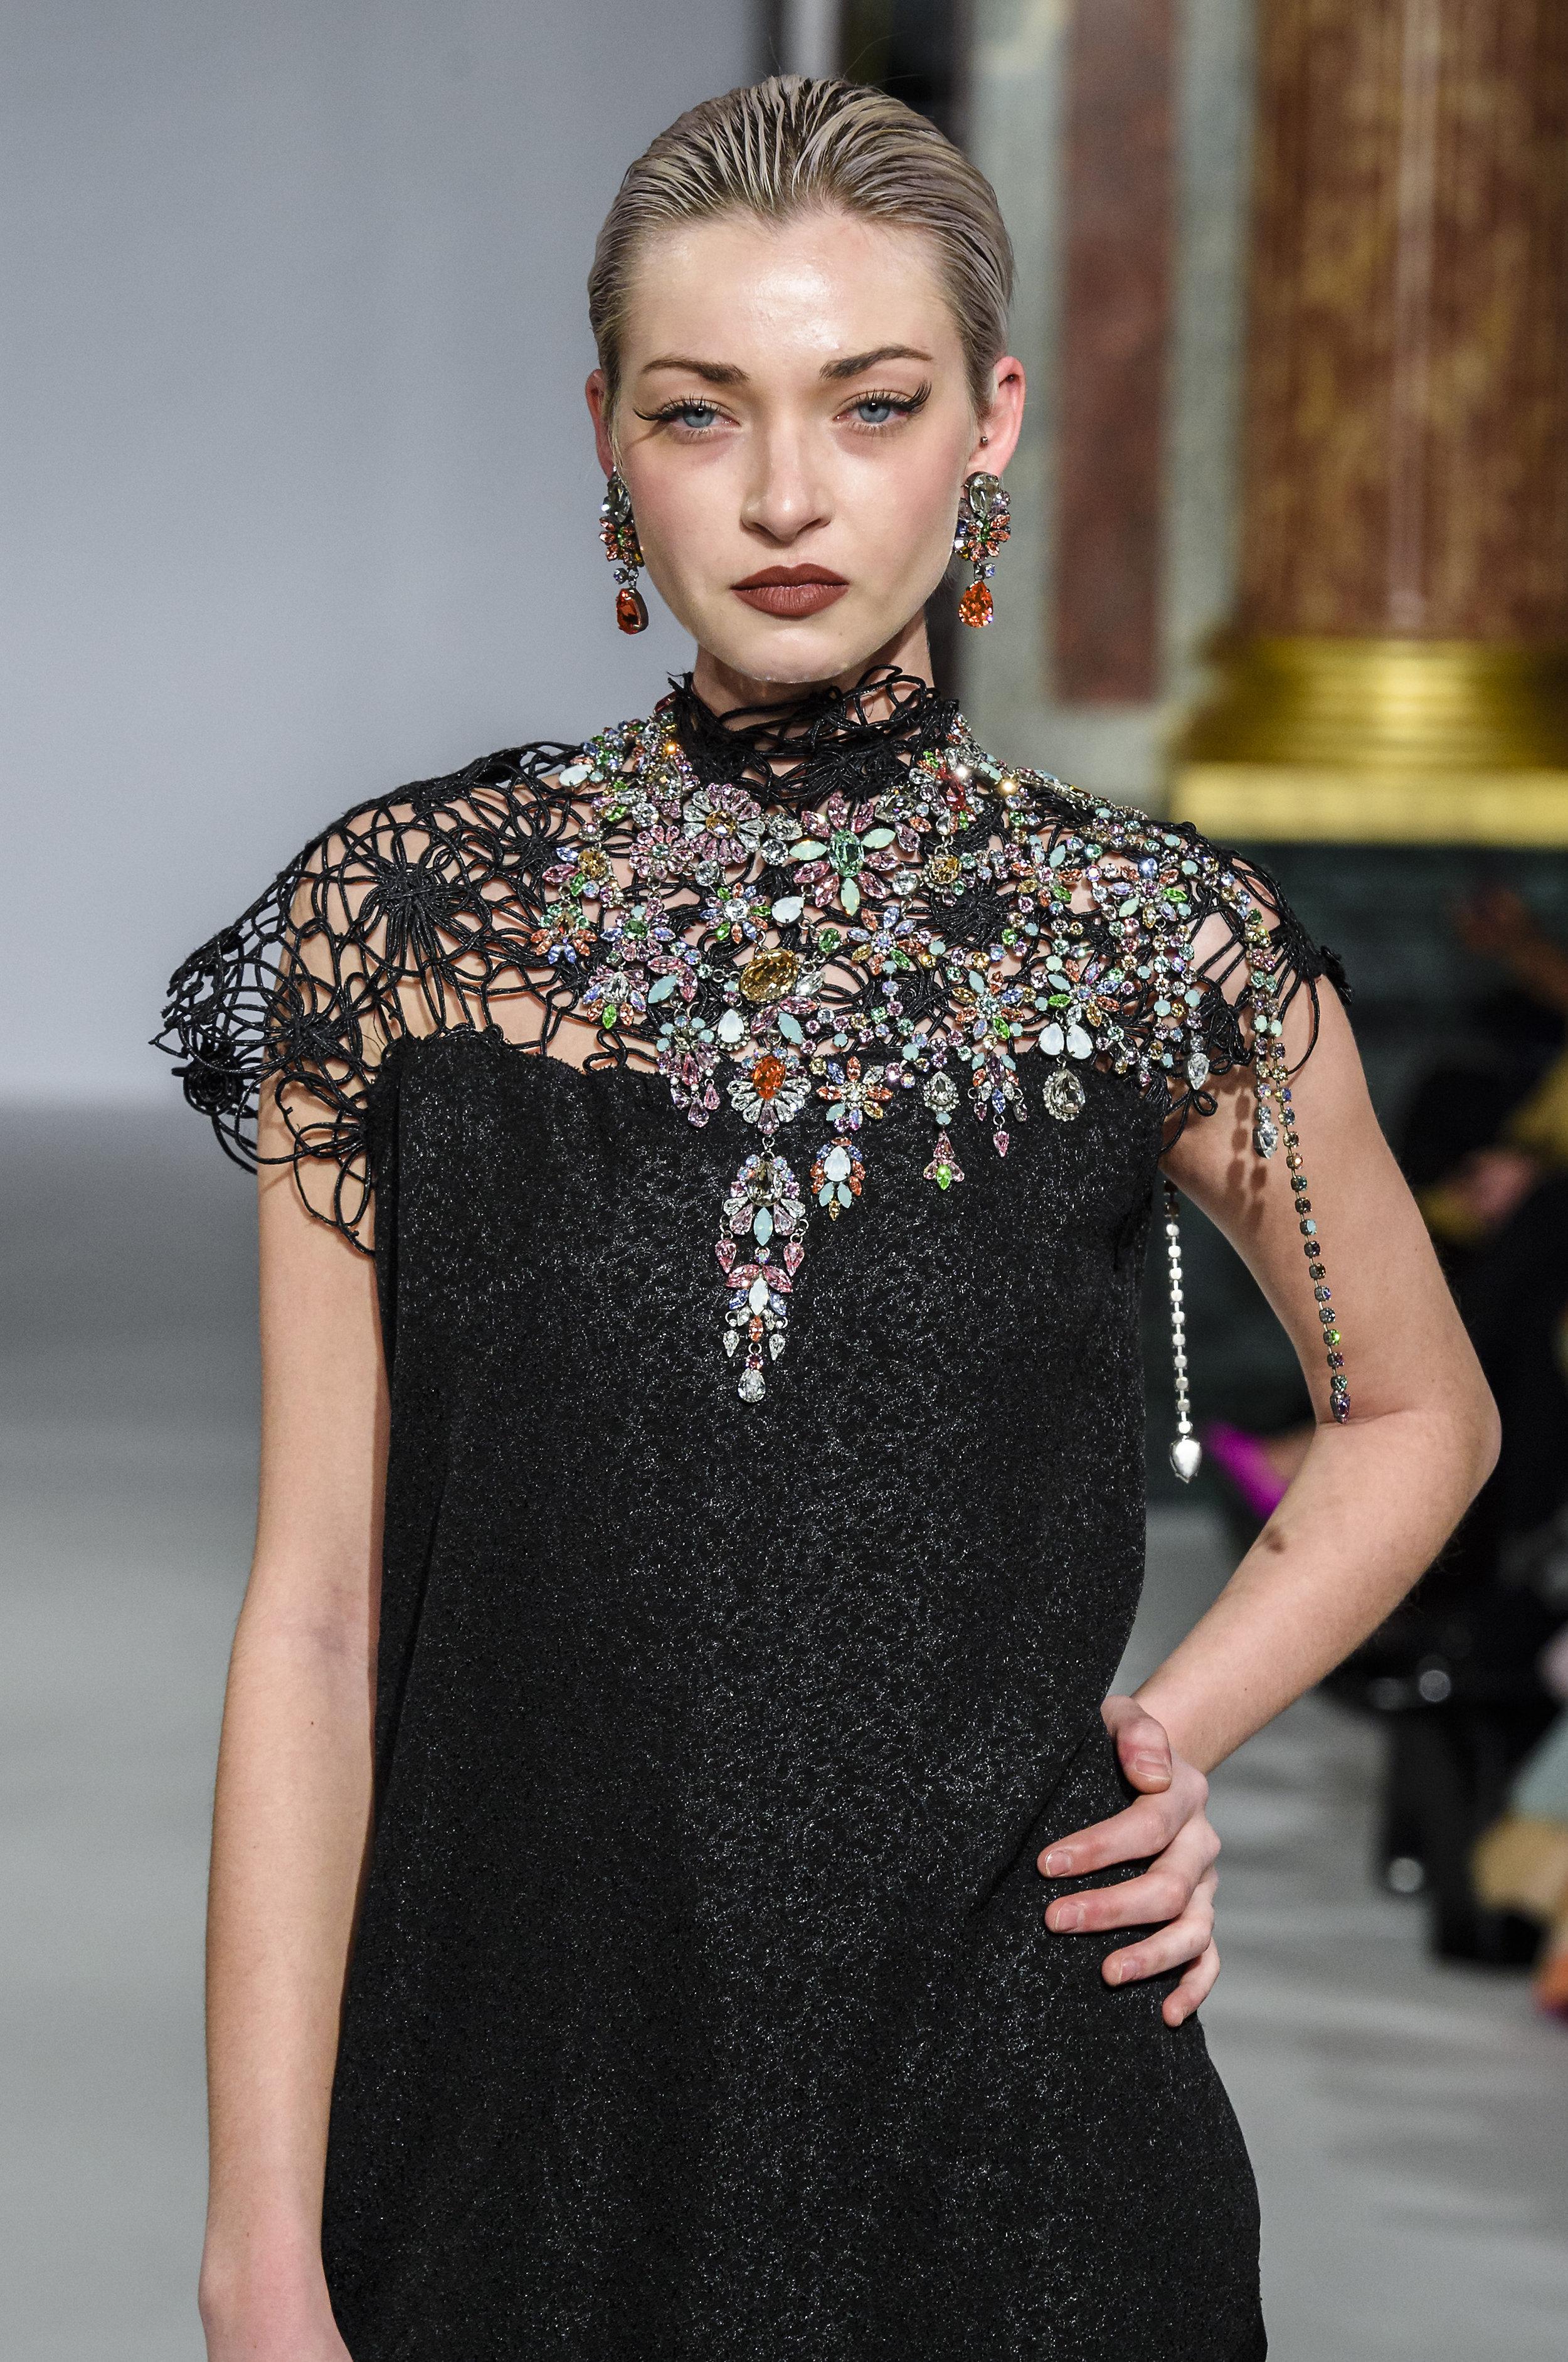 Baroqco Jewerly female empowered jewelry